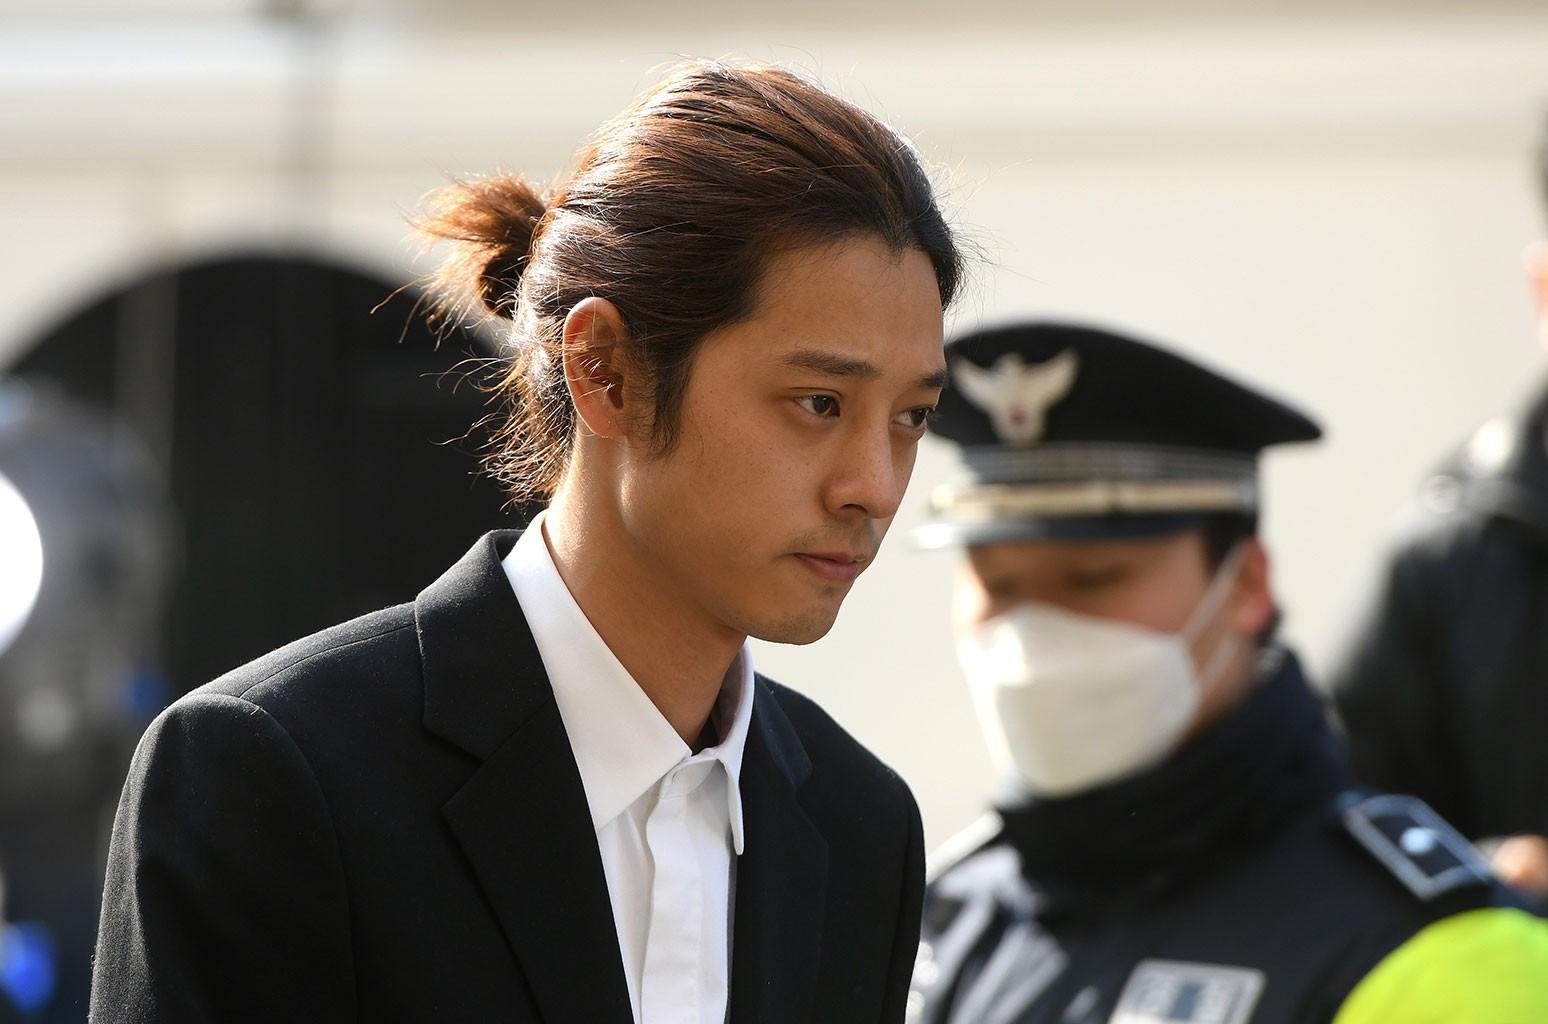 Hoạt động chiếu clip hiếp dâm bệnh hoạn ở club đèn đỏ Gangnam: Vụ án Seungri, Jung Joon Young chỉ là bề nổi - Ảnh 2.